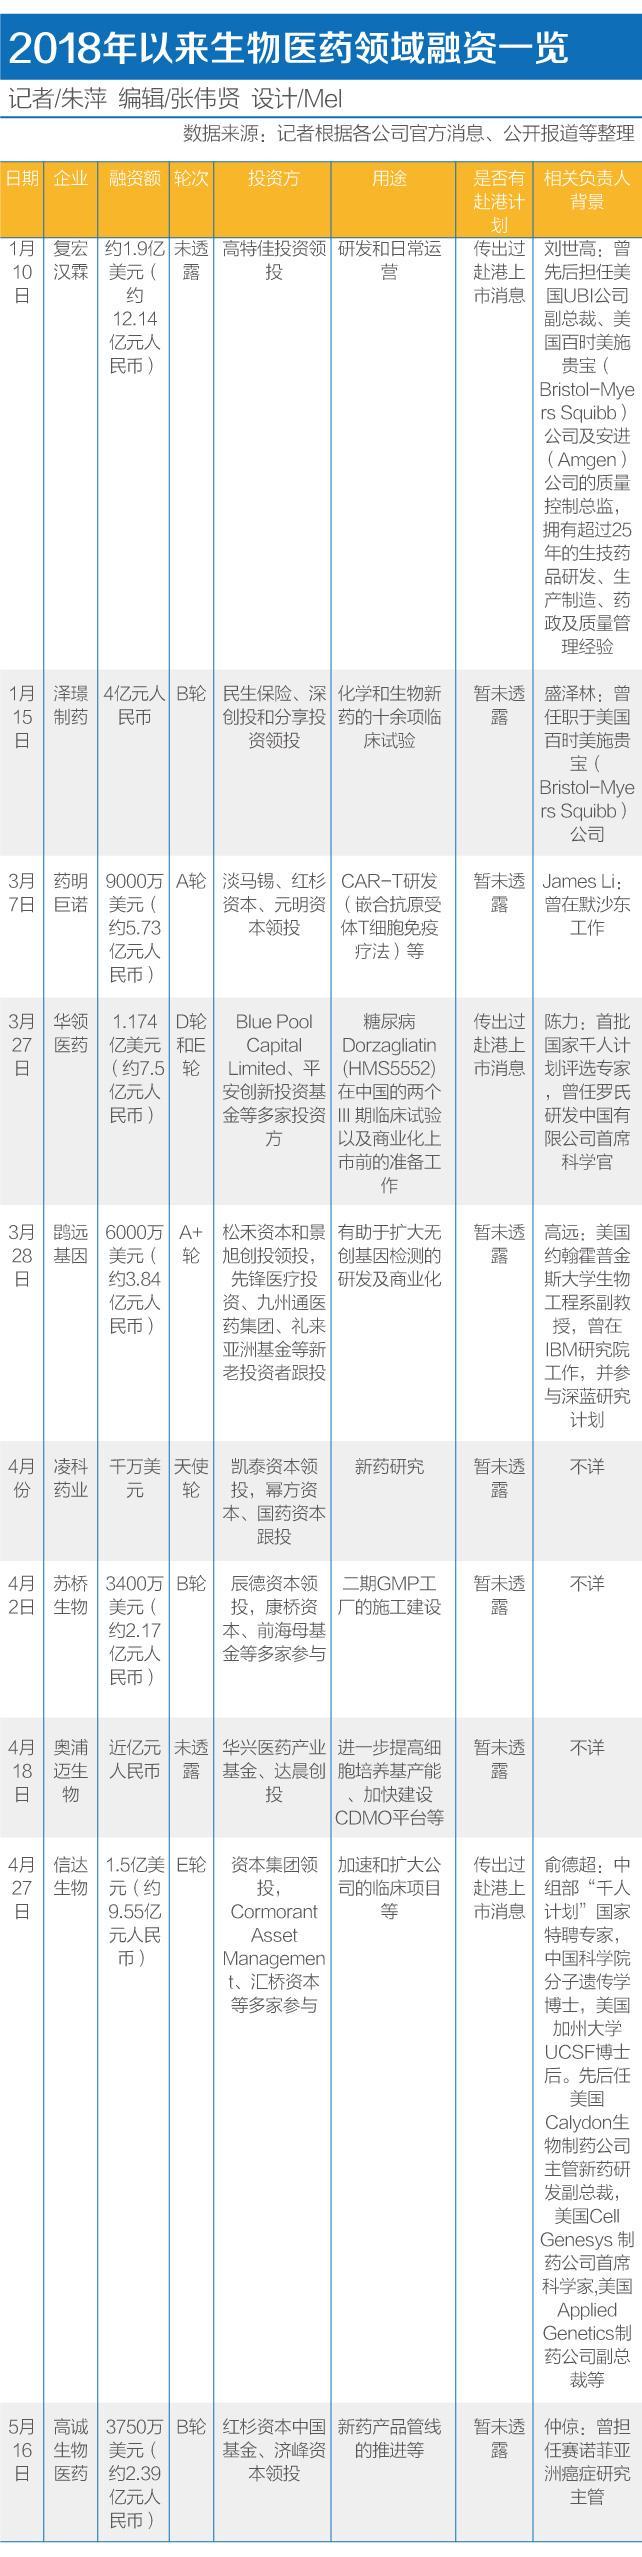 """生物医药企业迎IPO风口:各路""""玩家""""击鼓传花"""